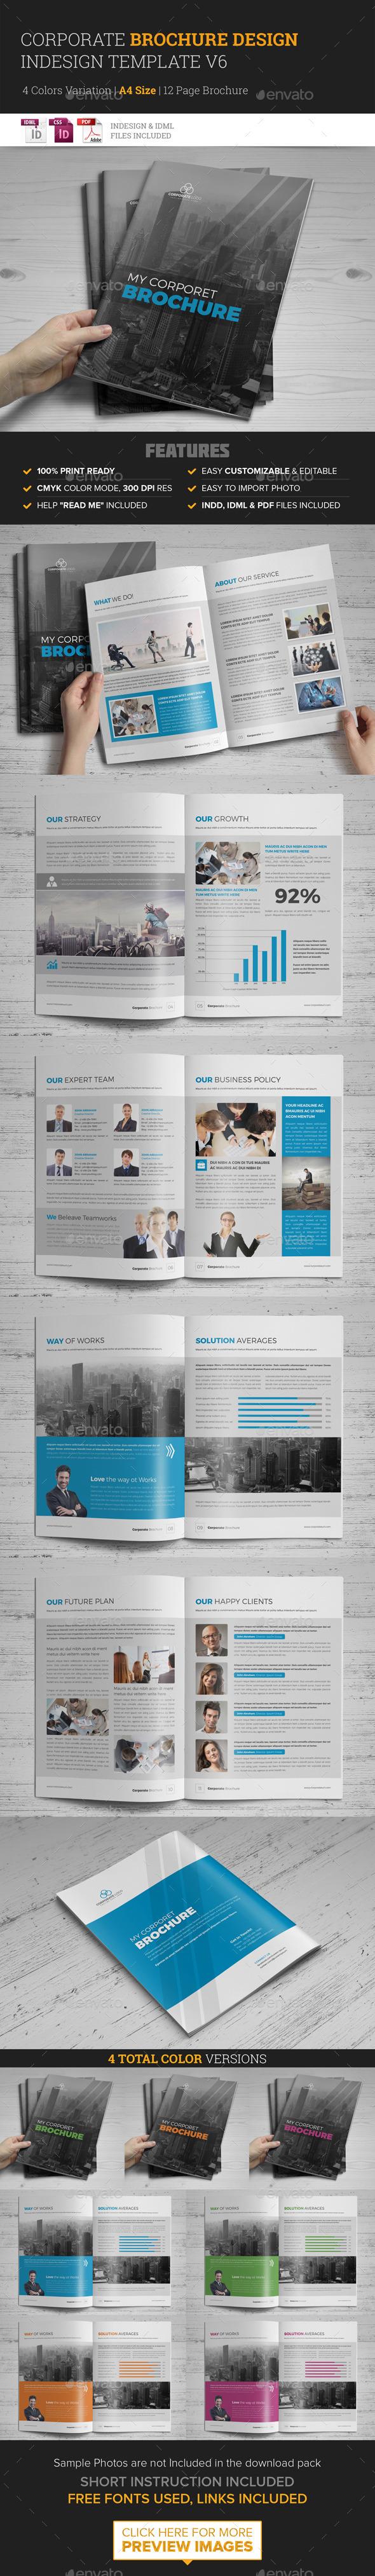 GraphicRiver Corporate Multipurpose Brochure Template v6 11943795